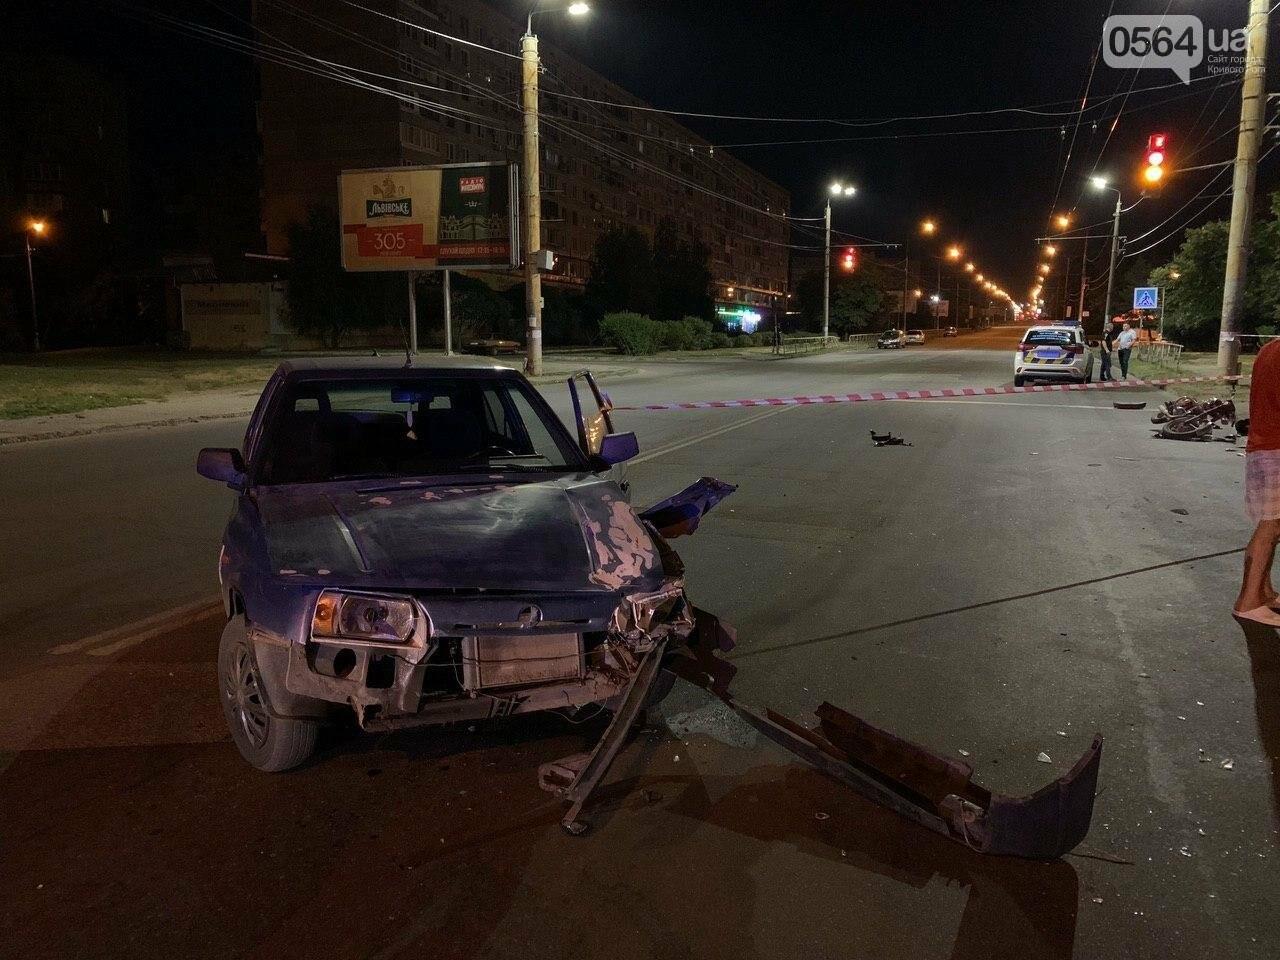 Ночью в Кривом Роге столкнулись легковой автомобиль и мотоцикл. Водитель мотоцикла госпитализирован, - ФОТО, фото-3